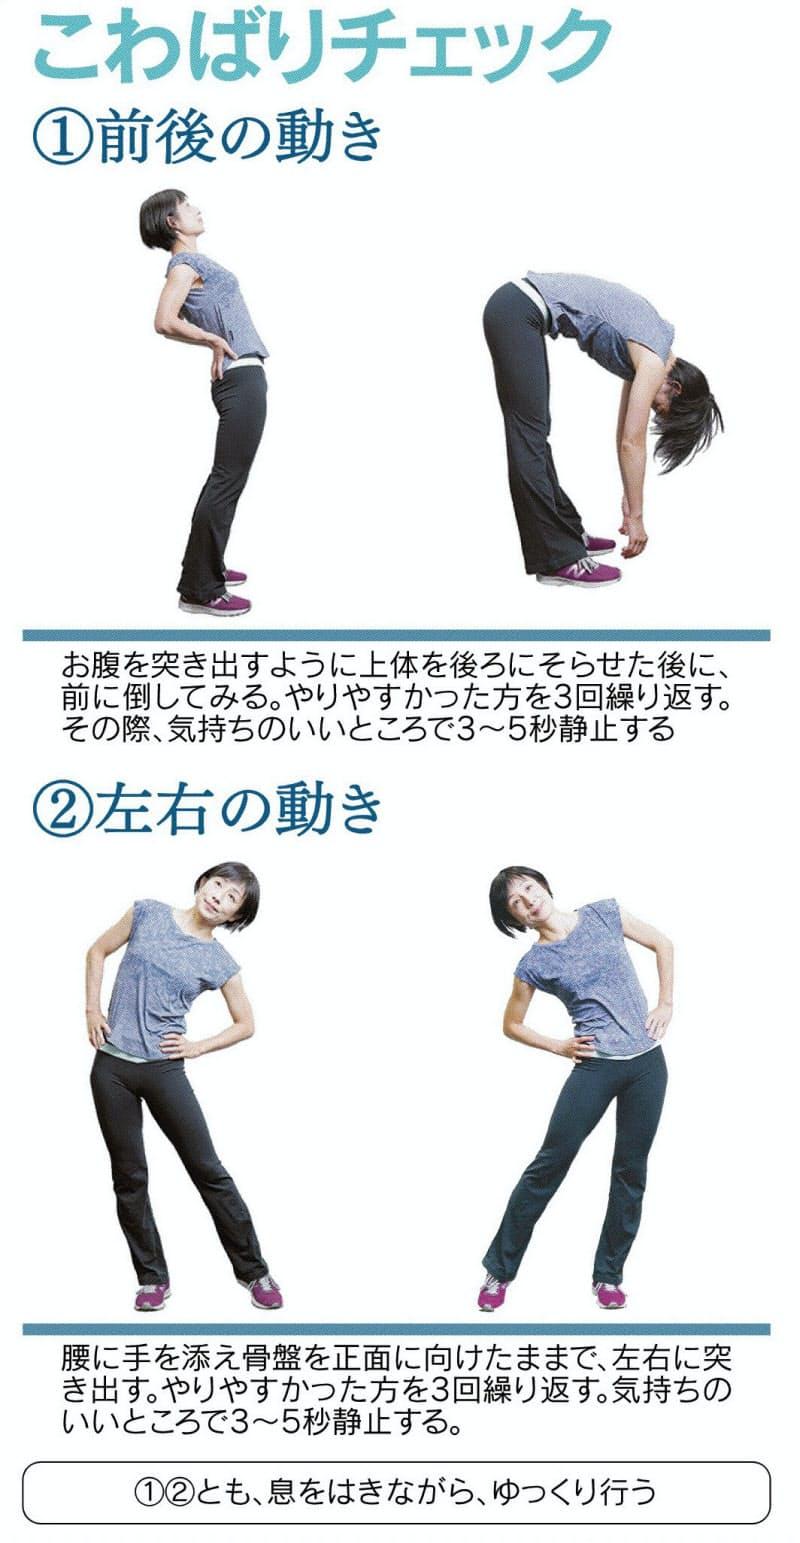 ぎっくり腰 予防 筋 トレ